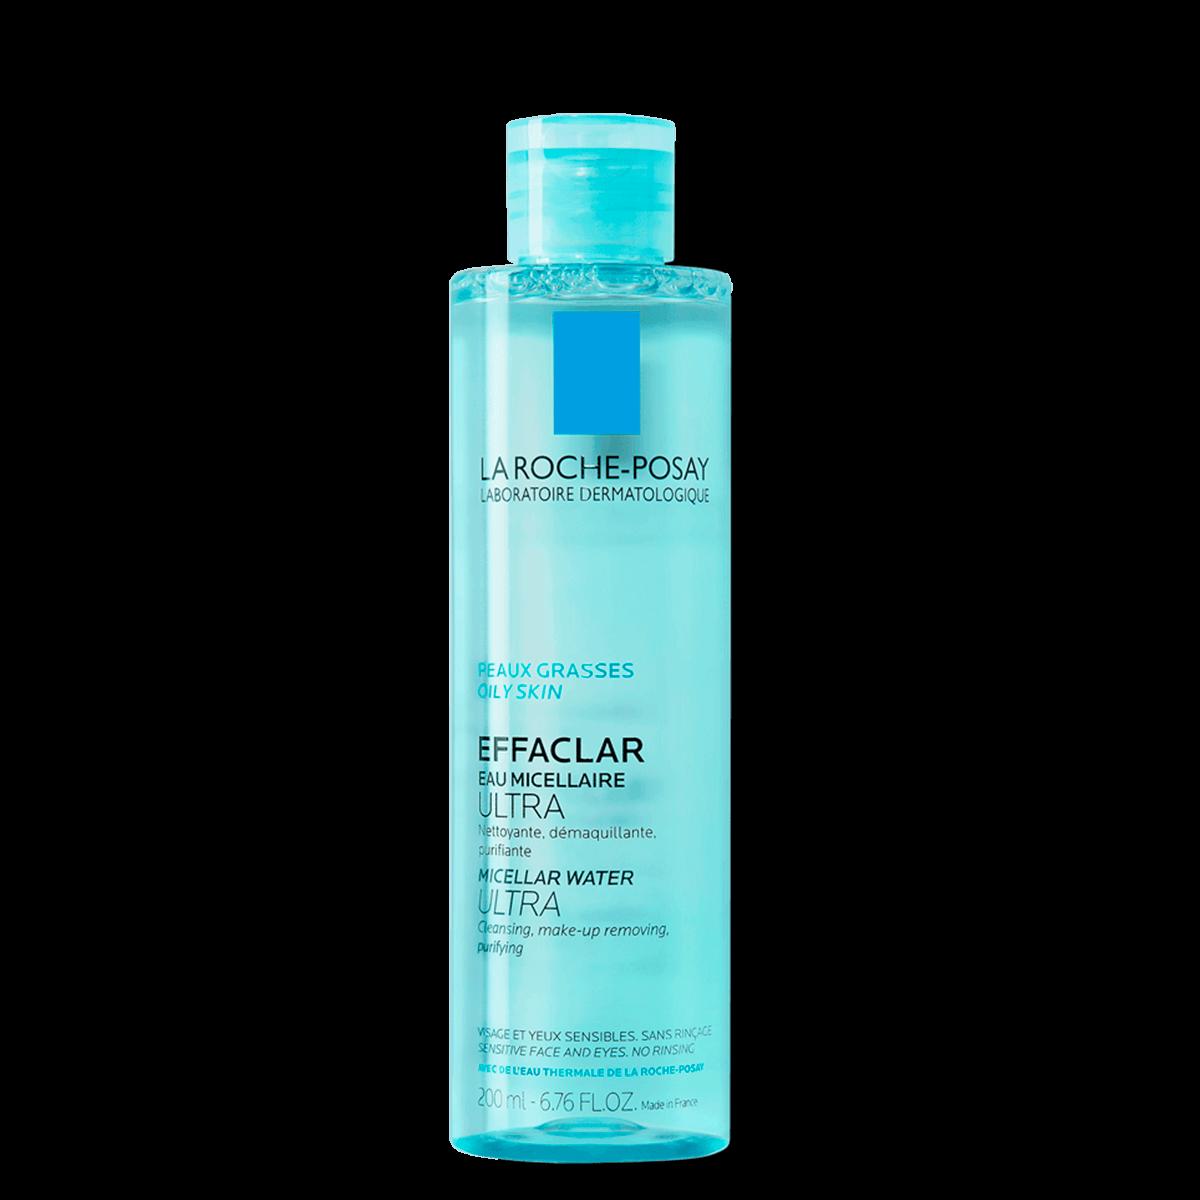 La Roche Posay Face Cleanser Effaclar Micellar Water Ultra 200ml 34334